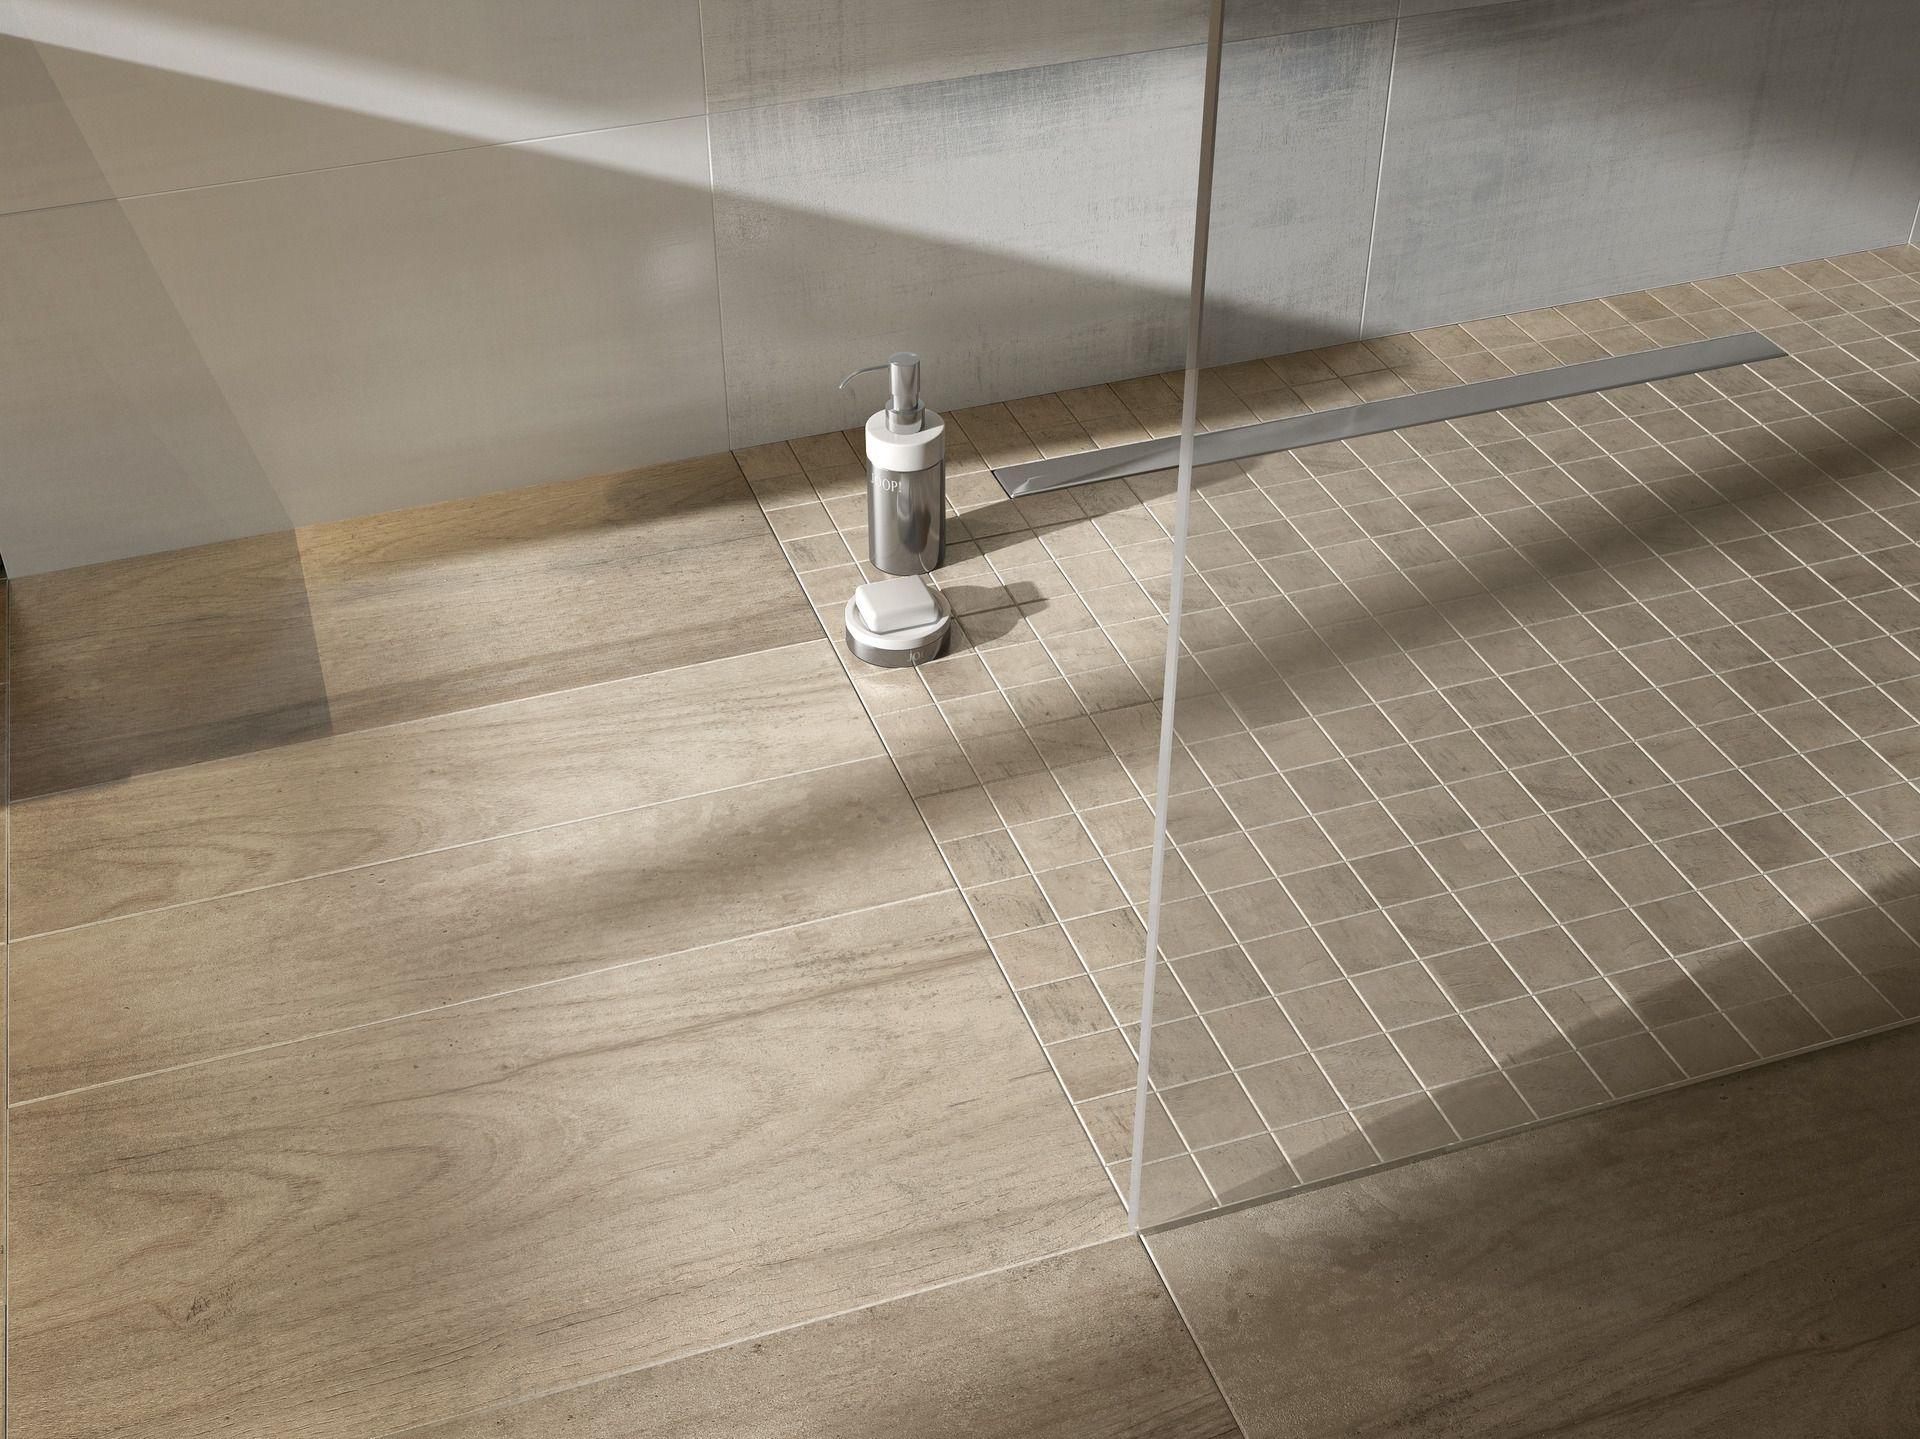 Bad Badezimmer Dusche Barrierefrei Bodengleich Interieur